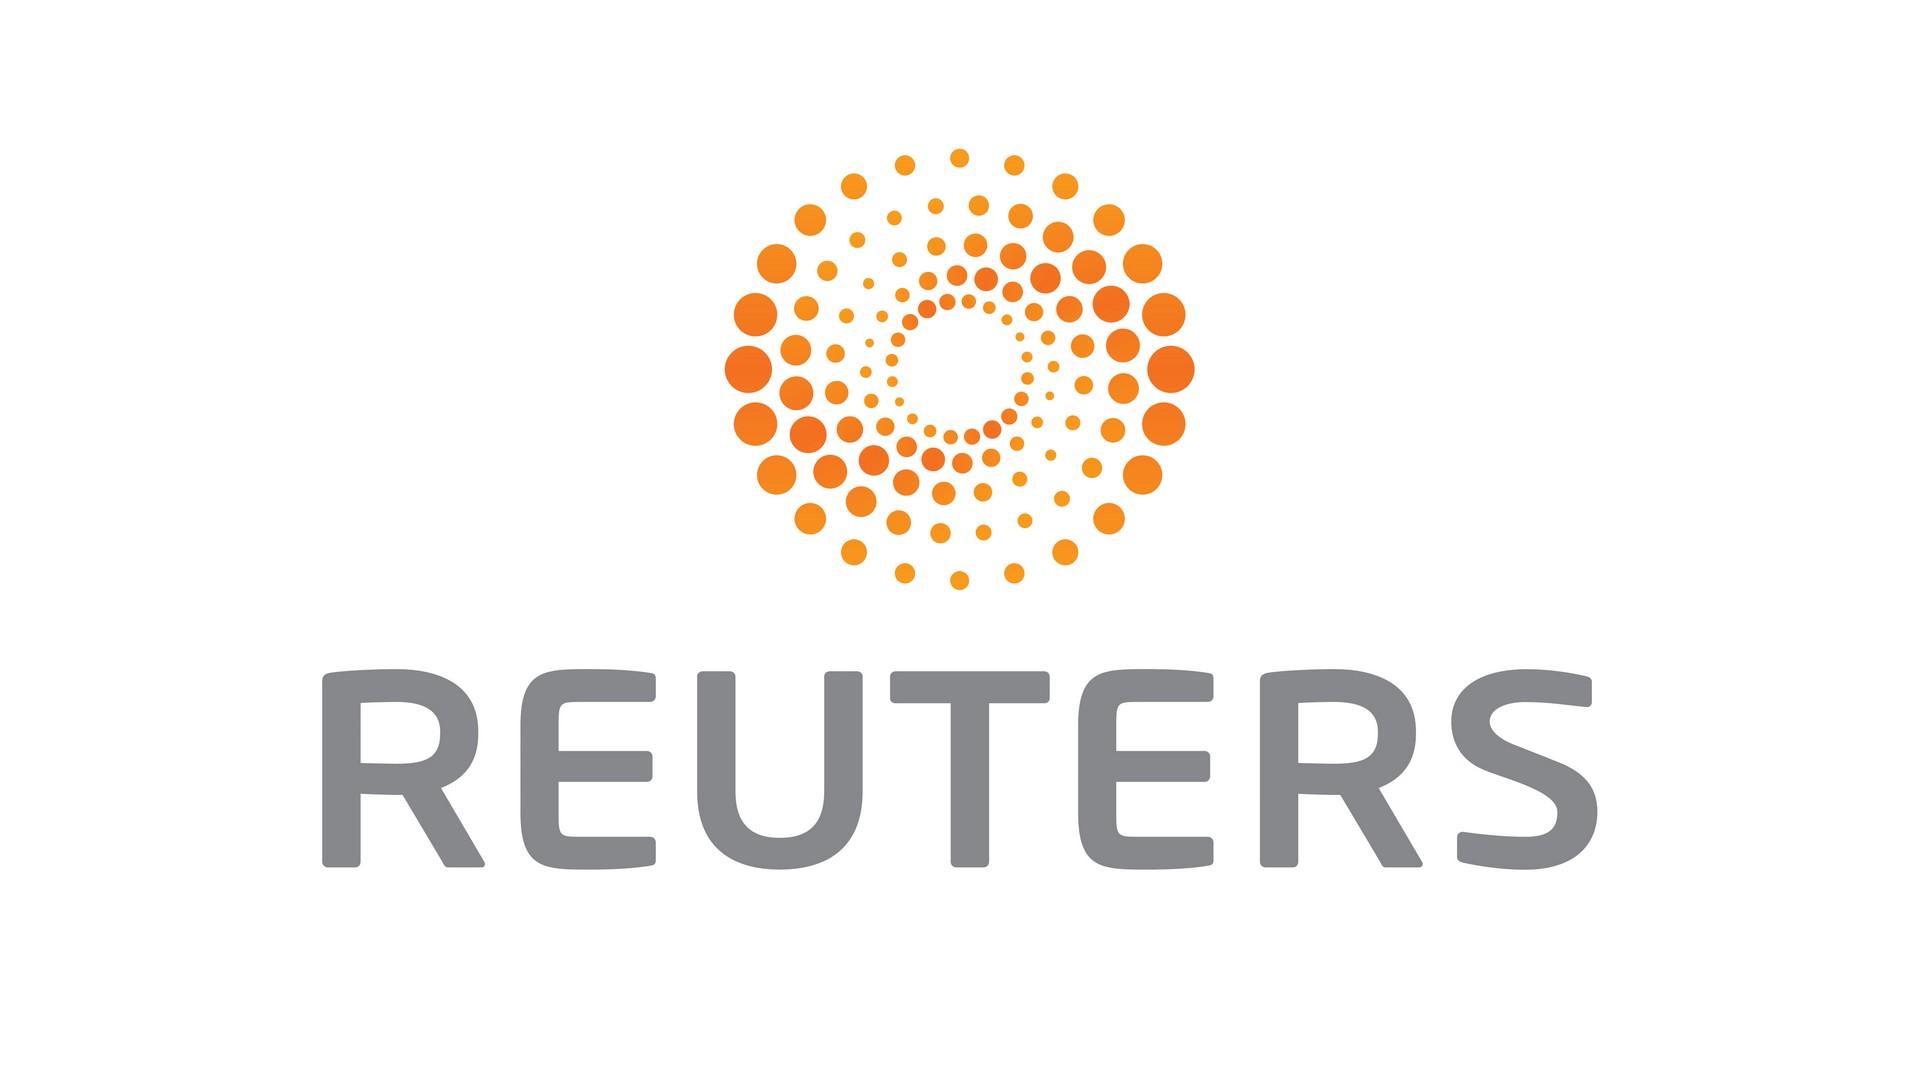 Reuters (1) logo